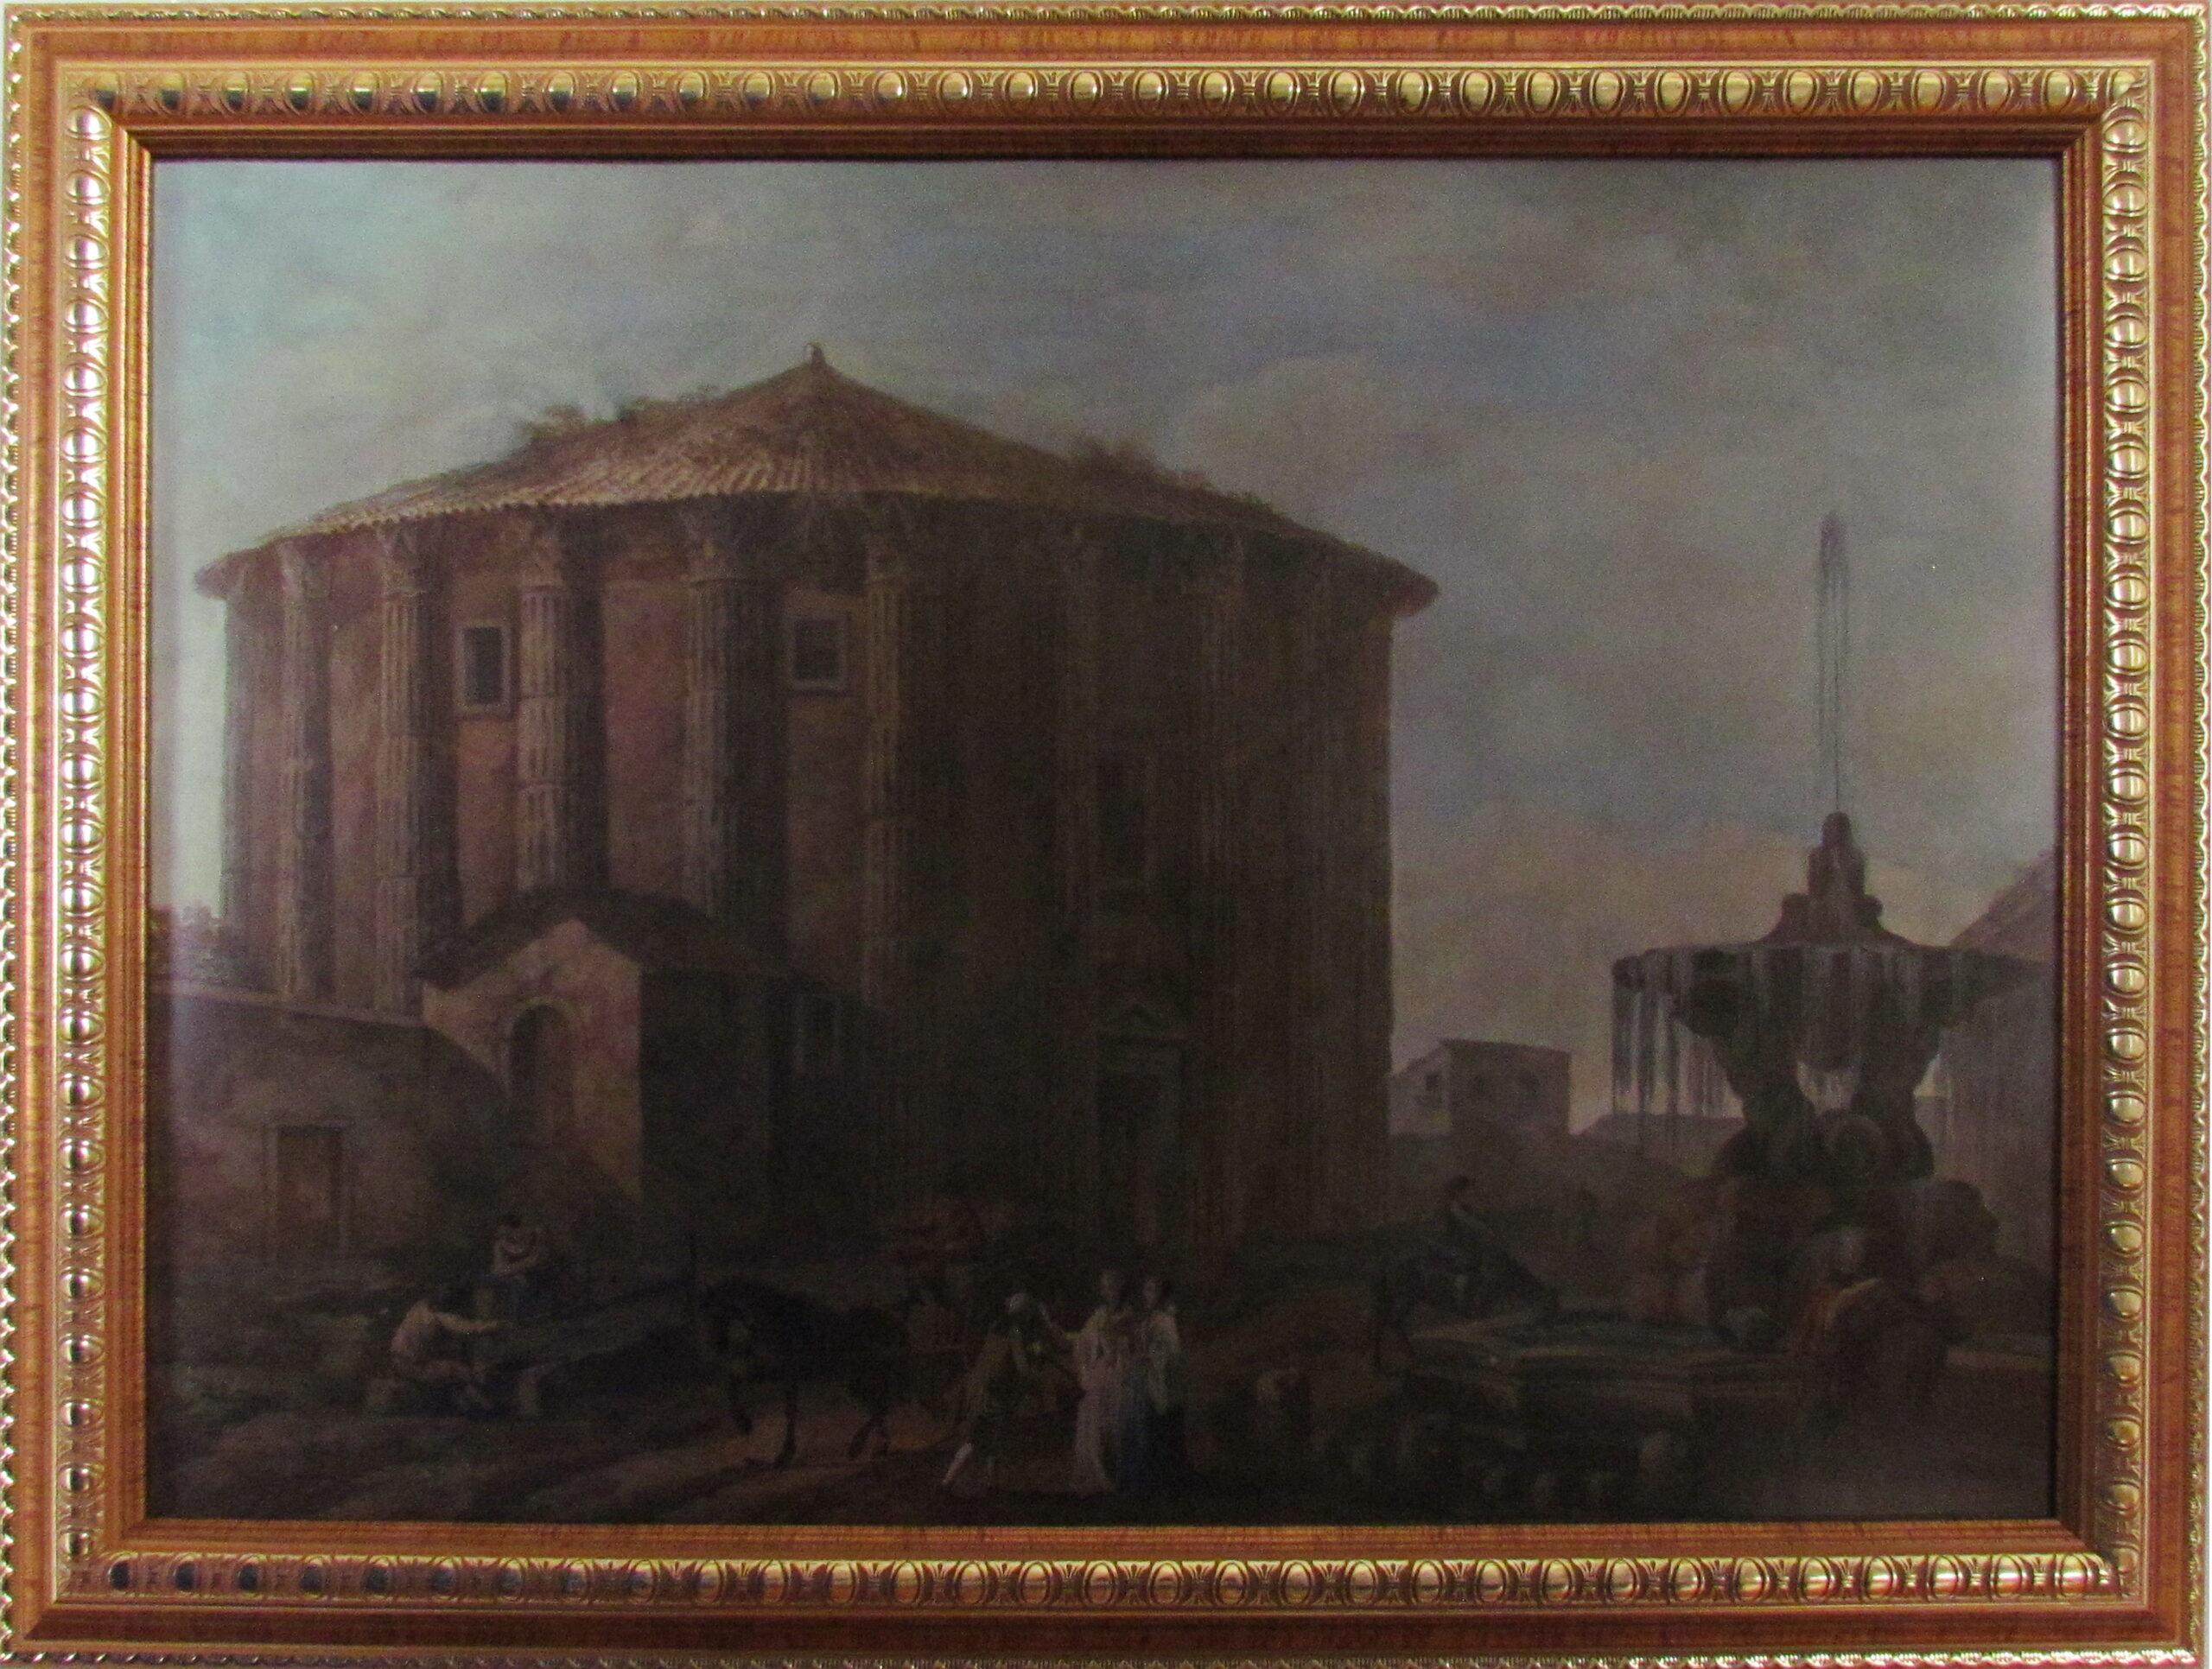 Сошенко І.М. Картина. Храм Вести – стародавній італійський круглий храм у Римі. Друга половина ХІХ ст.